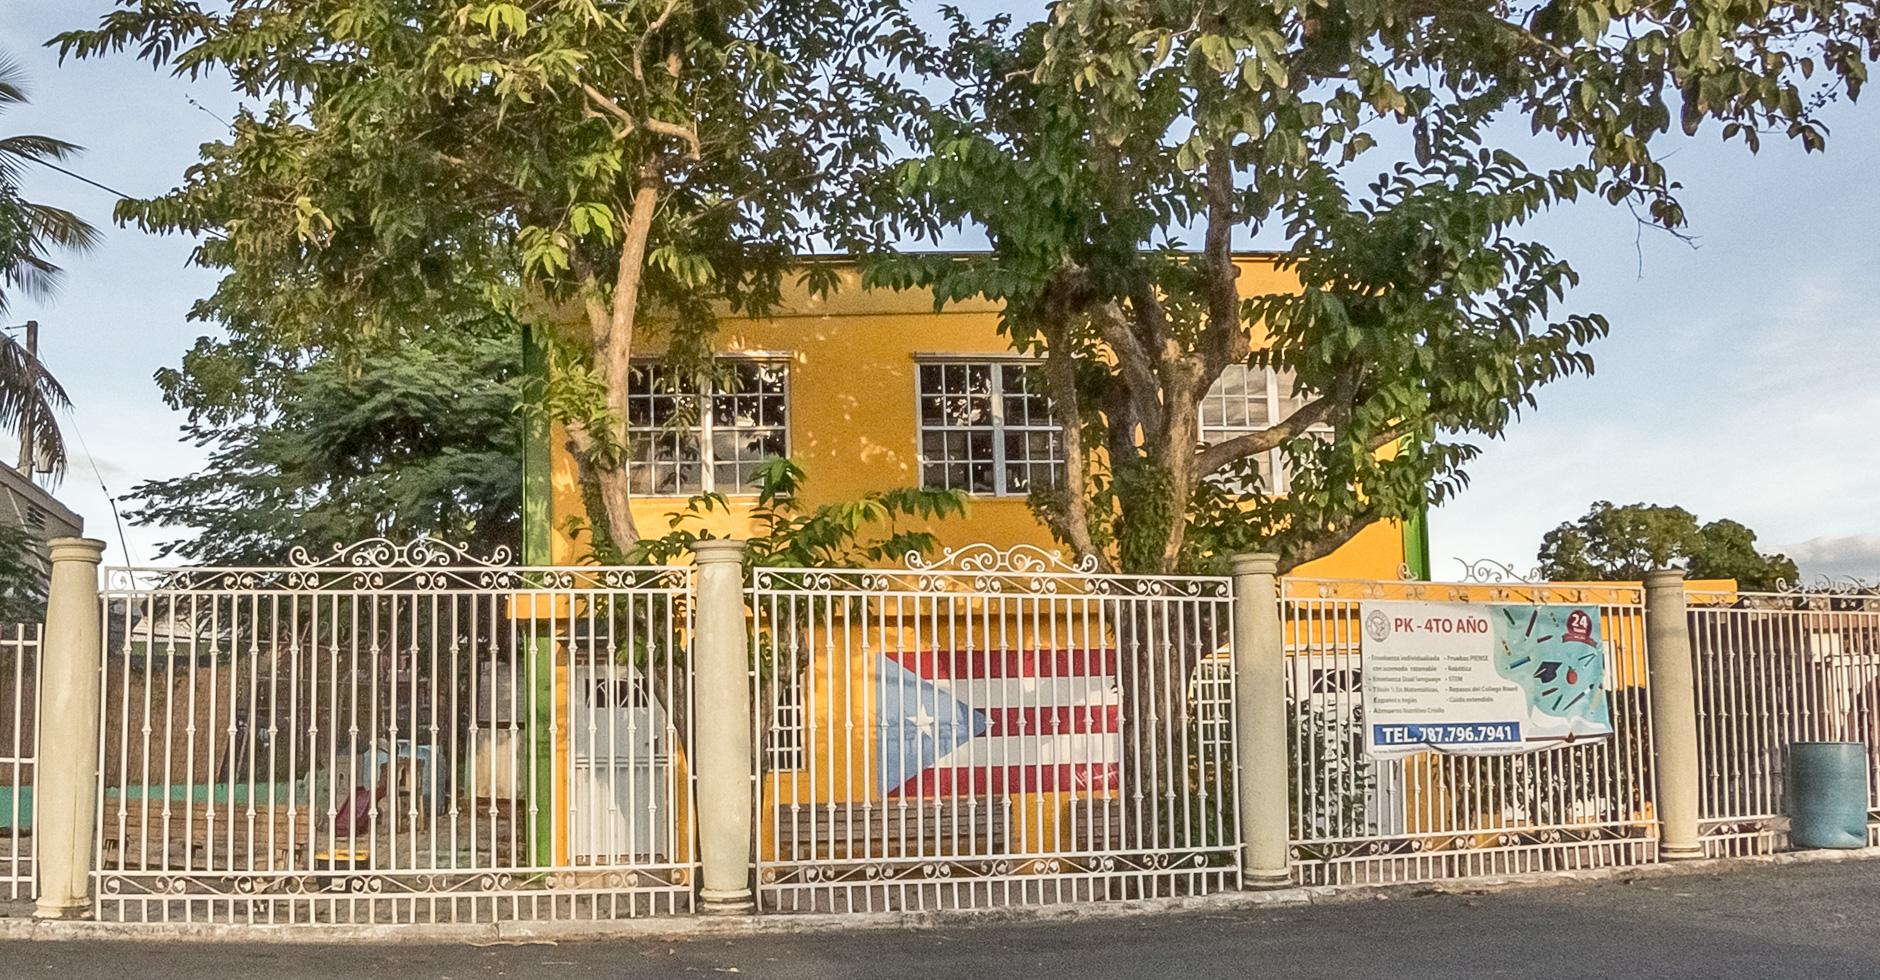 Hosanna Christian Academy